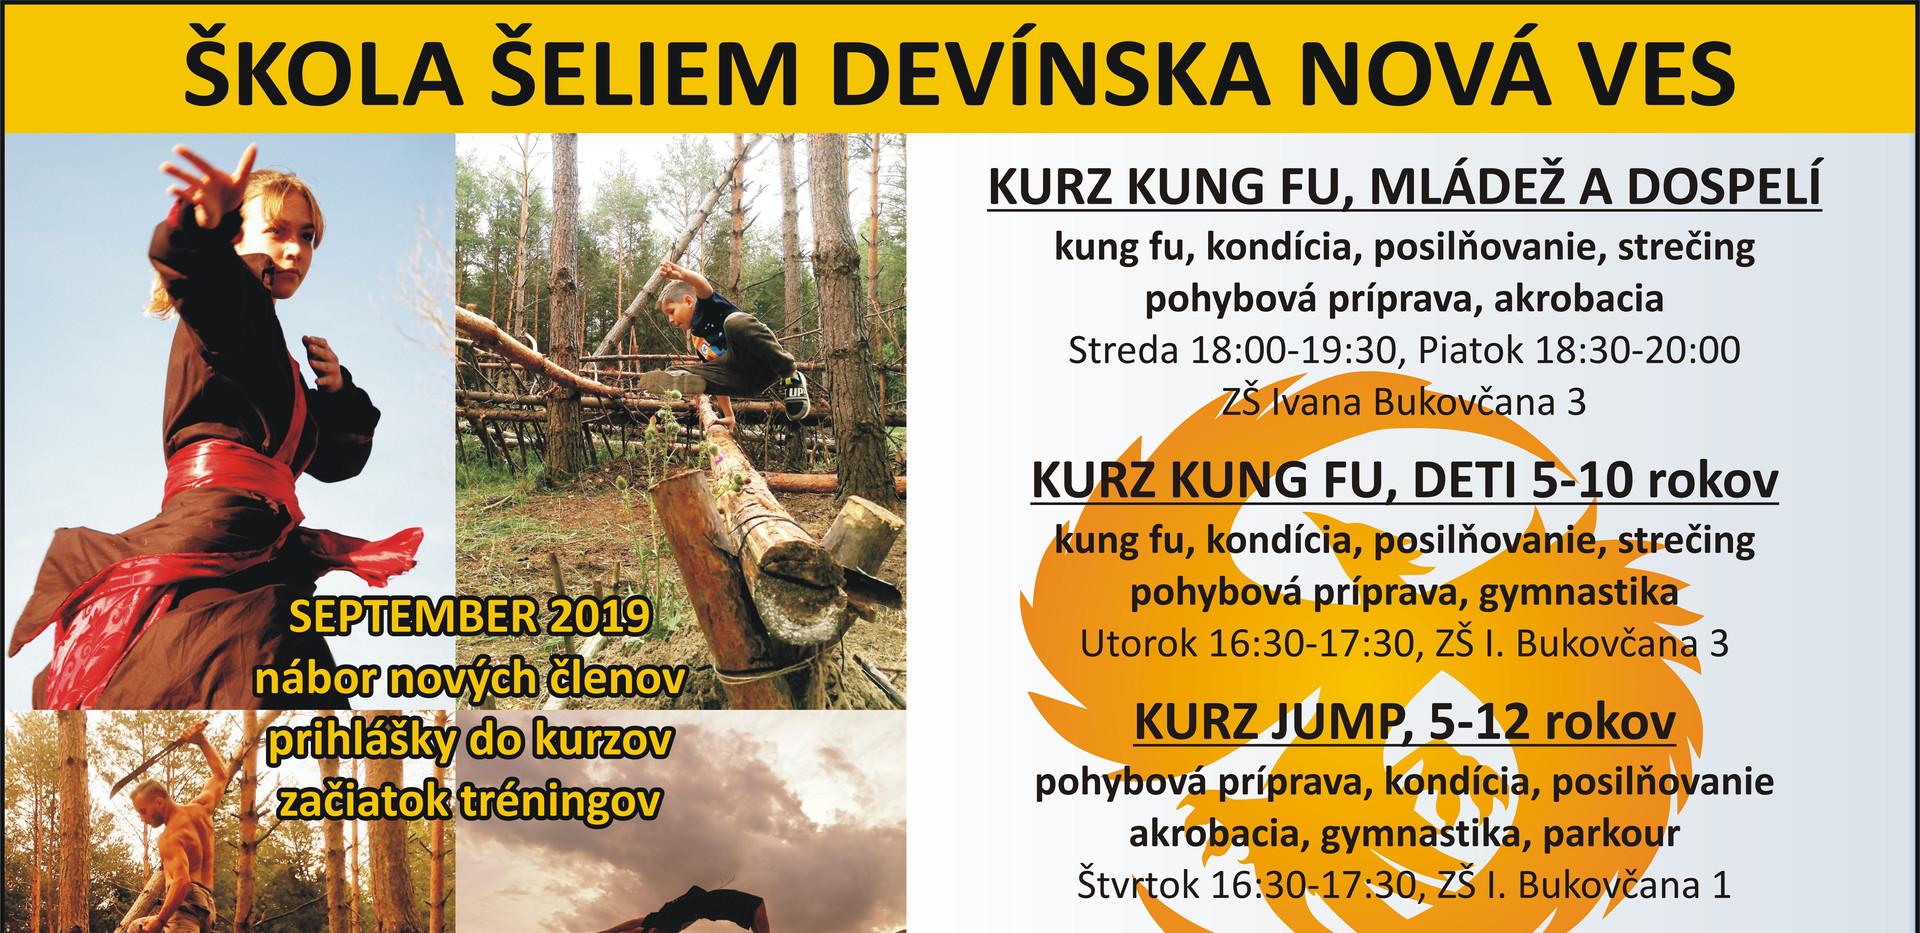 Kurzy Kung fu, Jump a Zlatý fénix v Devínskej Novej Vsi